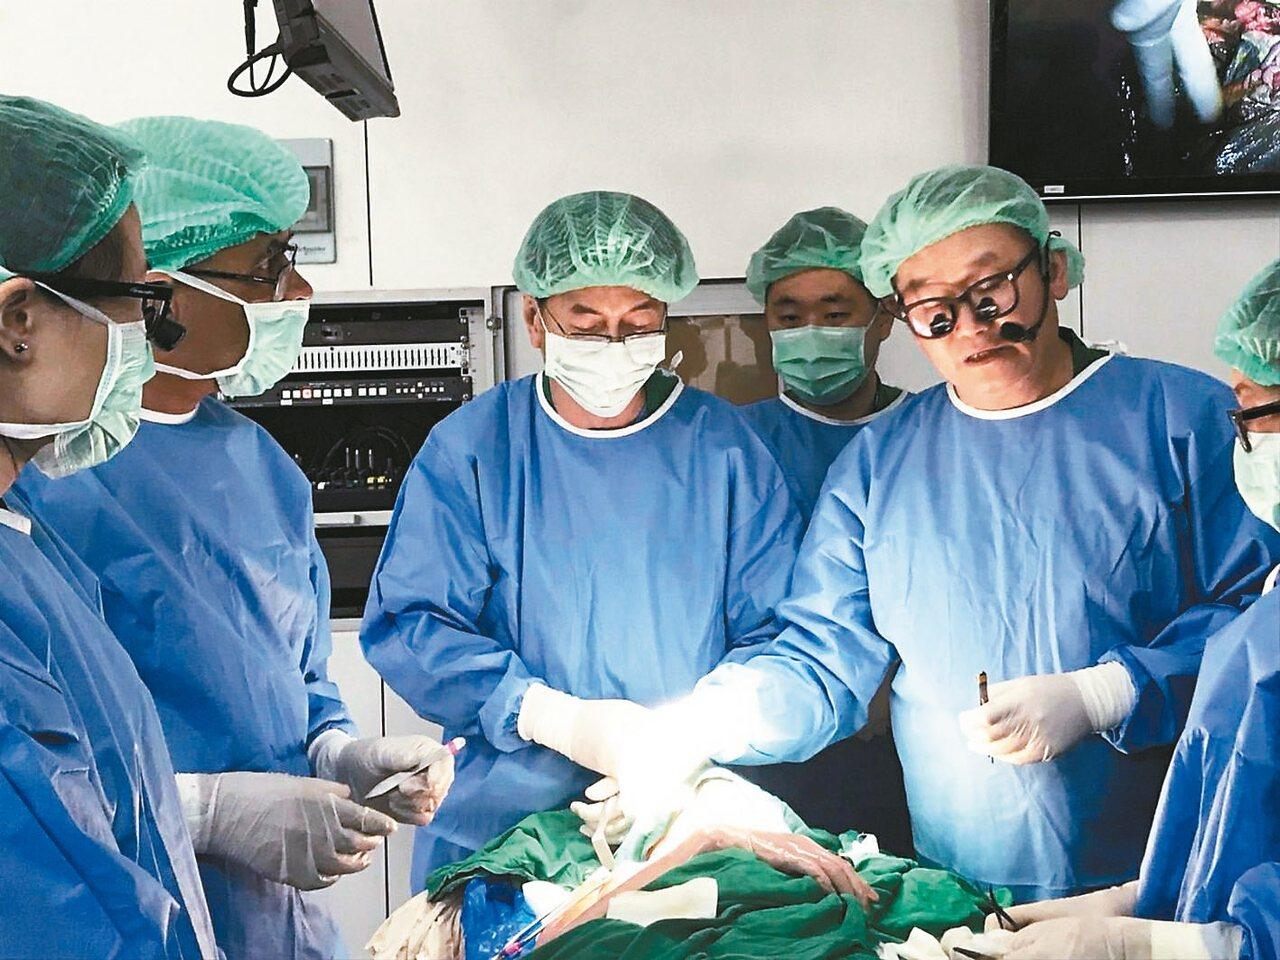 高雄義大醫院院長杜元坤(右)經常應邀至世界各地示範手術。 圖/義大醫院提供